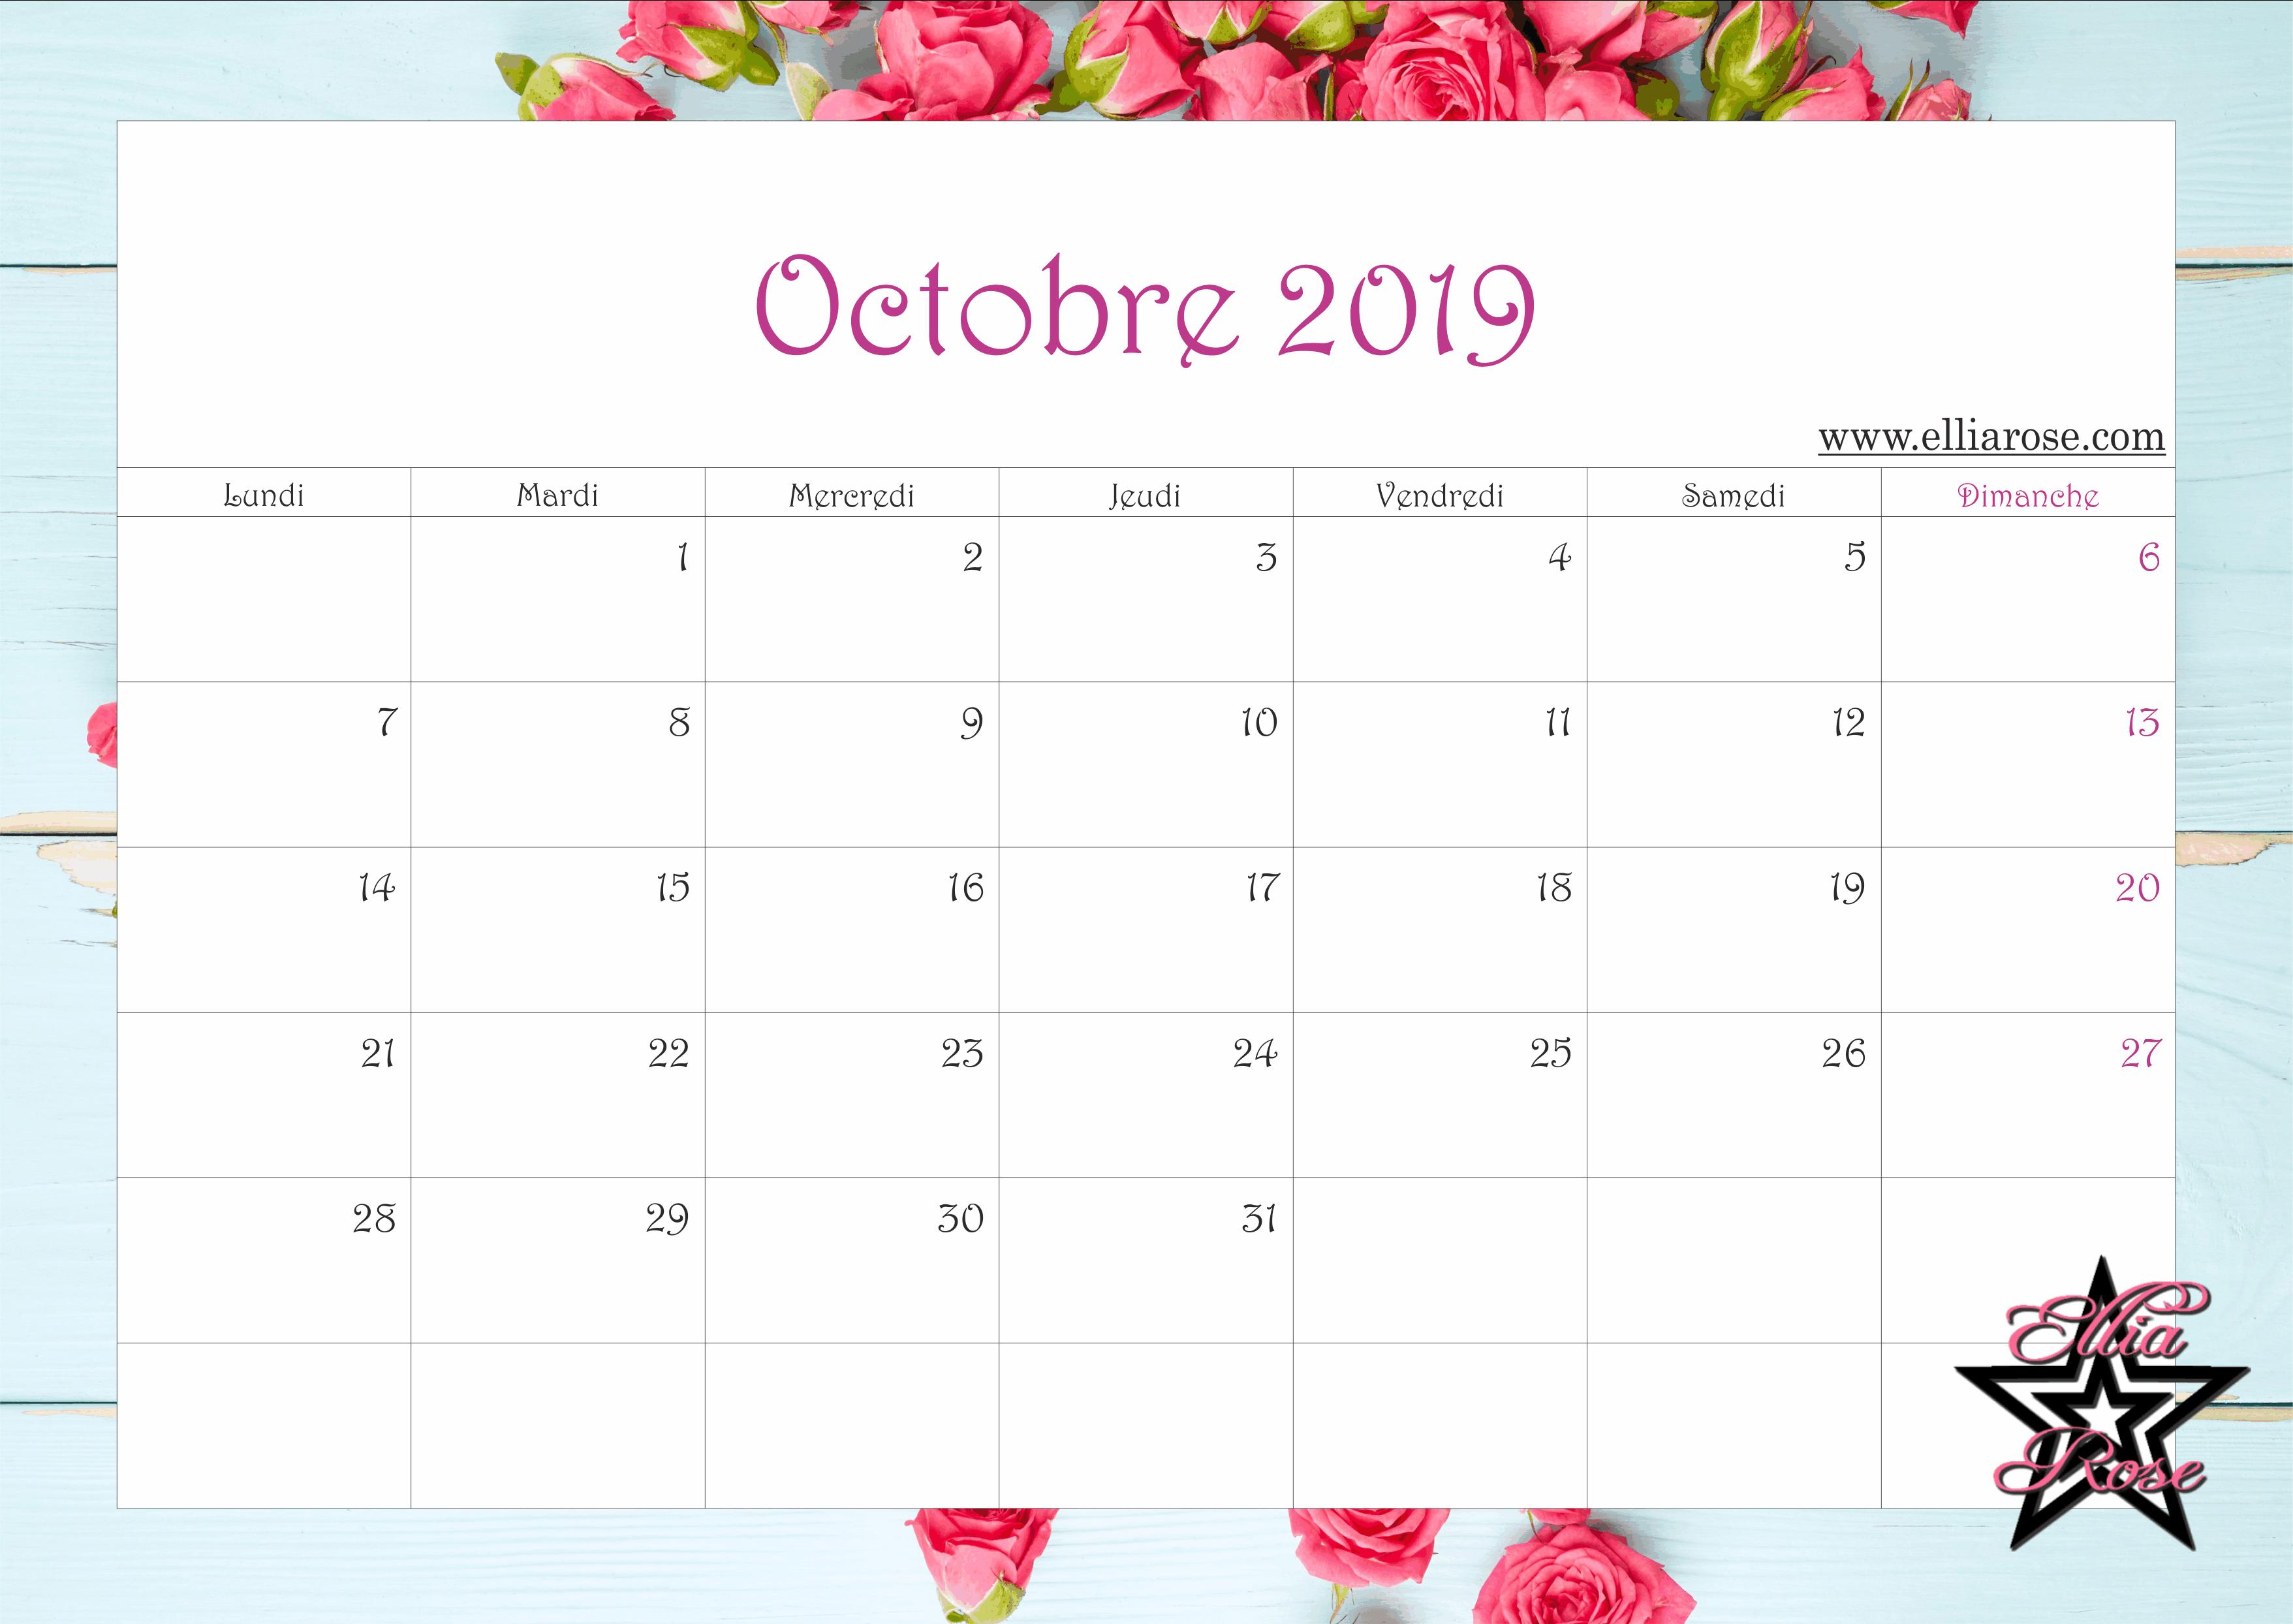 Calendrier A Imprimer Novembre 2019.Calendrier Gratuit A Imprimer Fleurs Sur Bois 2019